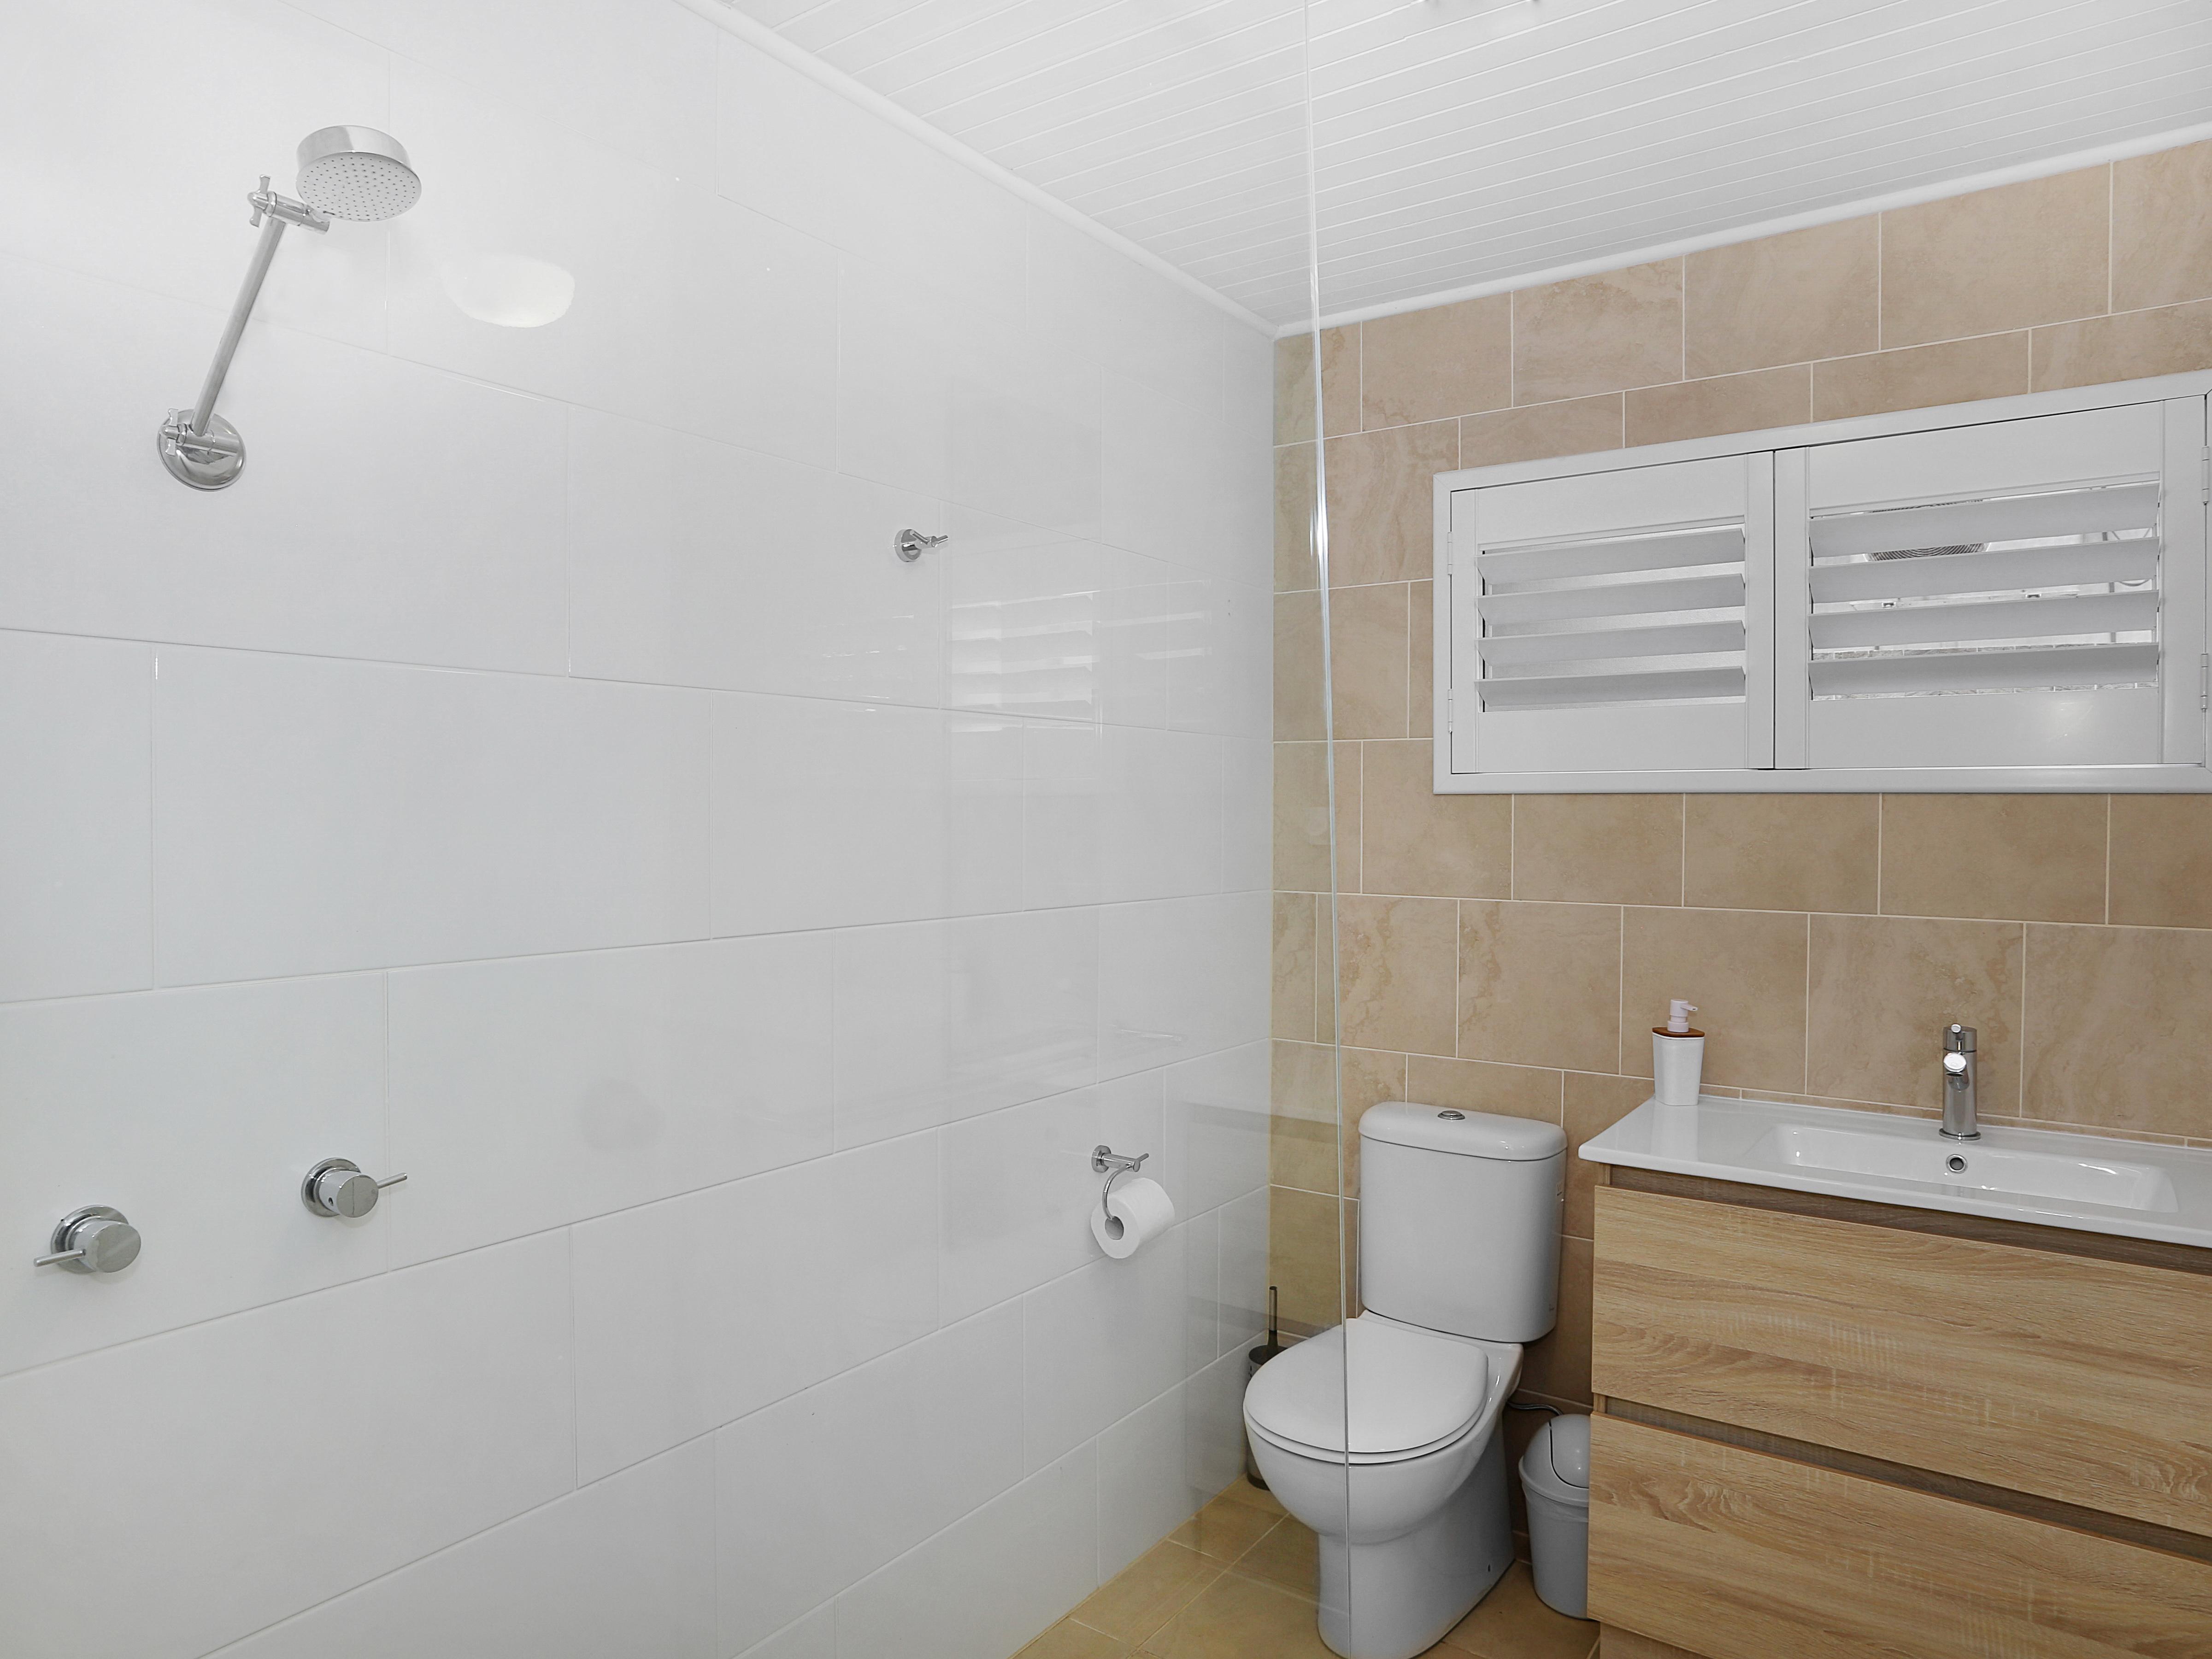 Skippers Watch bathroom gallery image